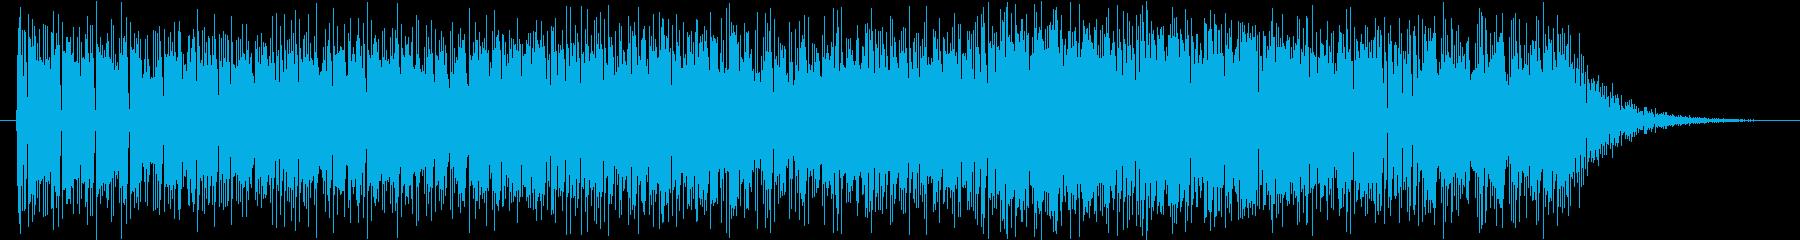 ウーリーとオルガンのファンクの再生済みの波形